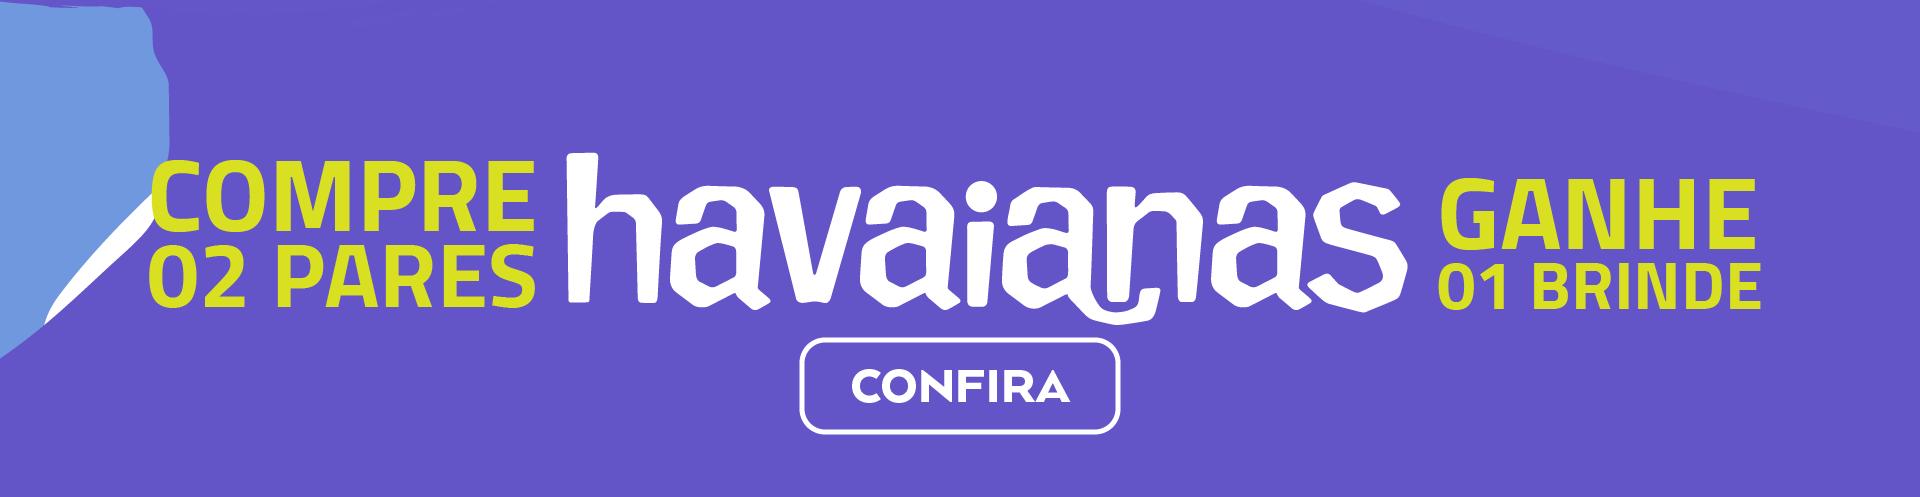 Sacola Haiavanas